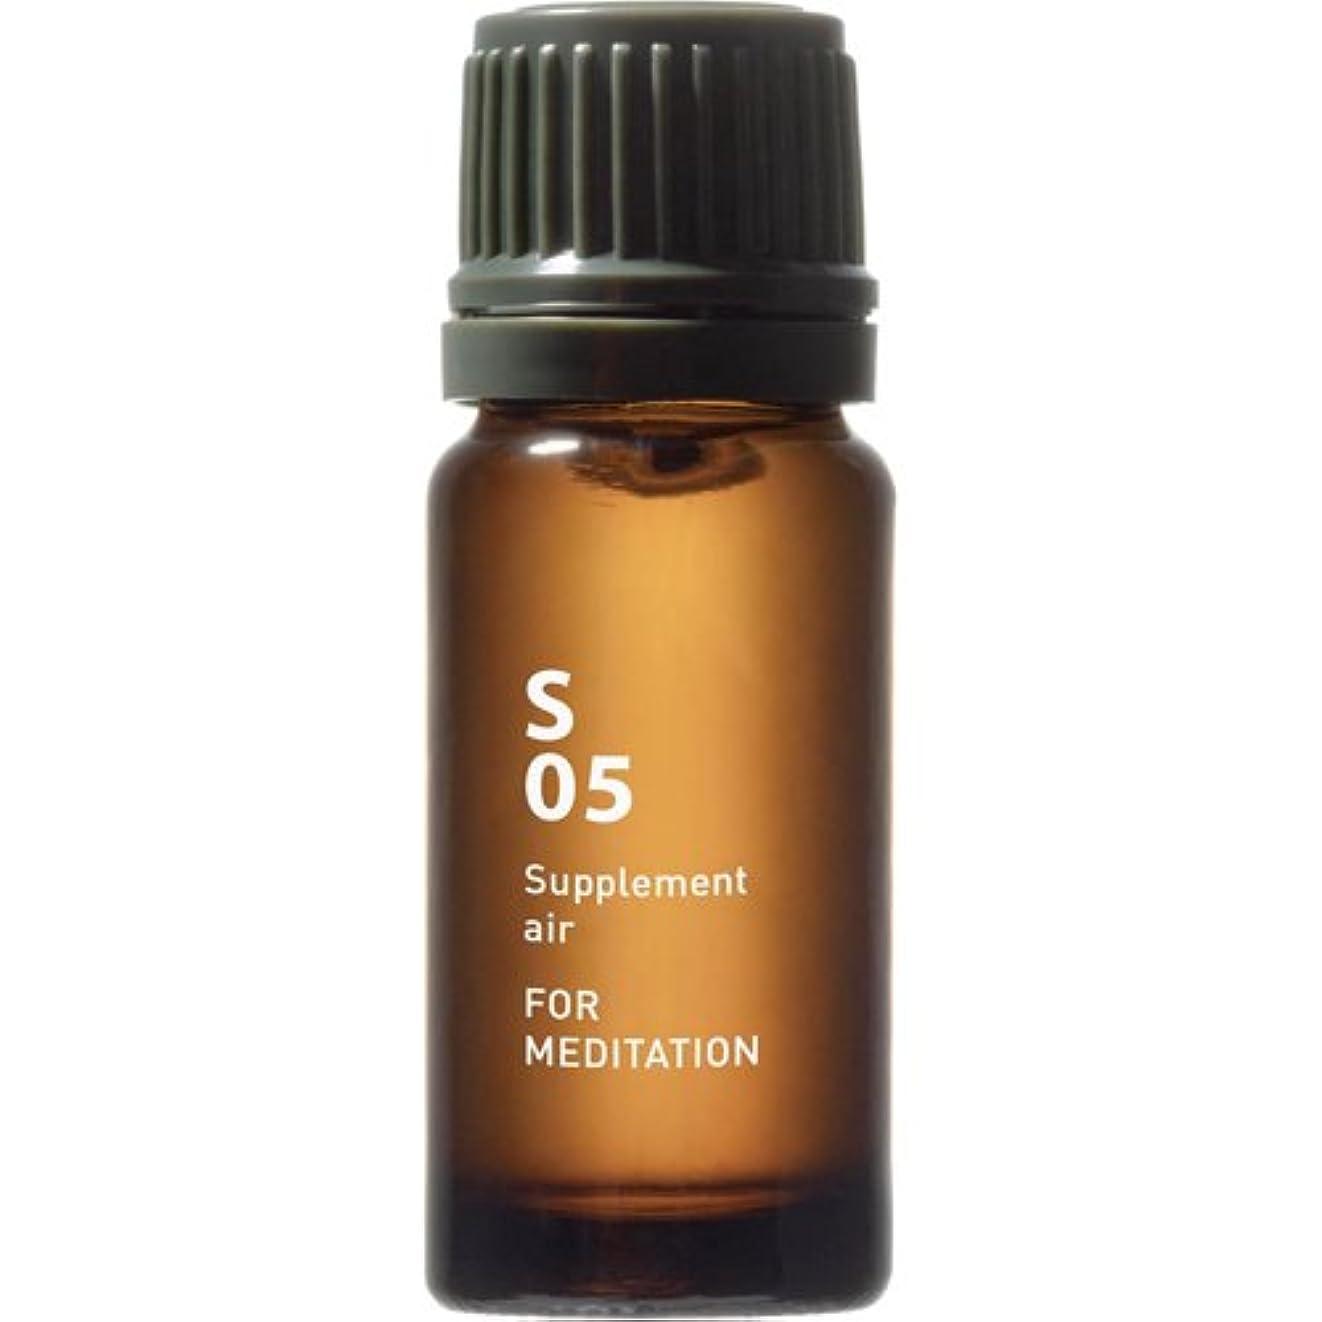 保全きらめきお気に入りS05 FOR MEDITATION Supplement air 10ml